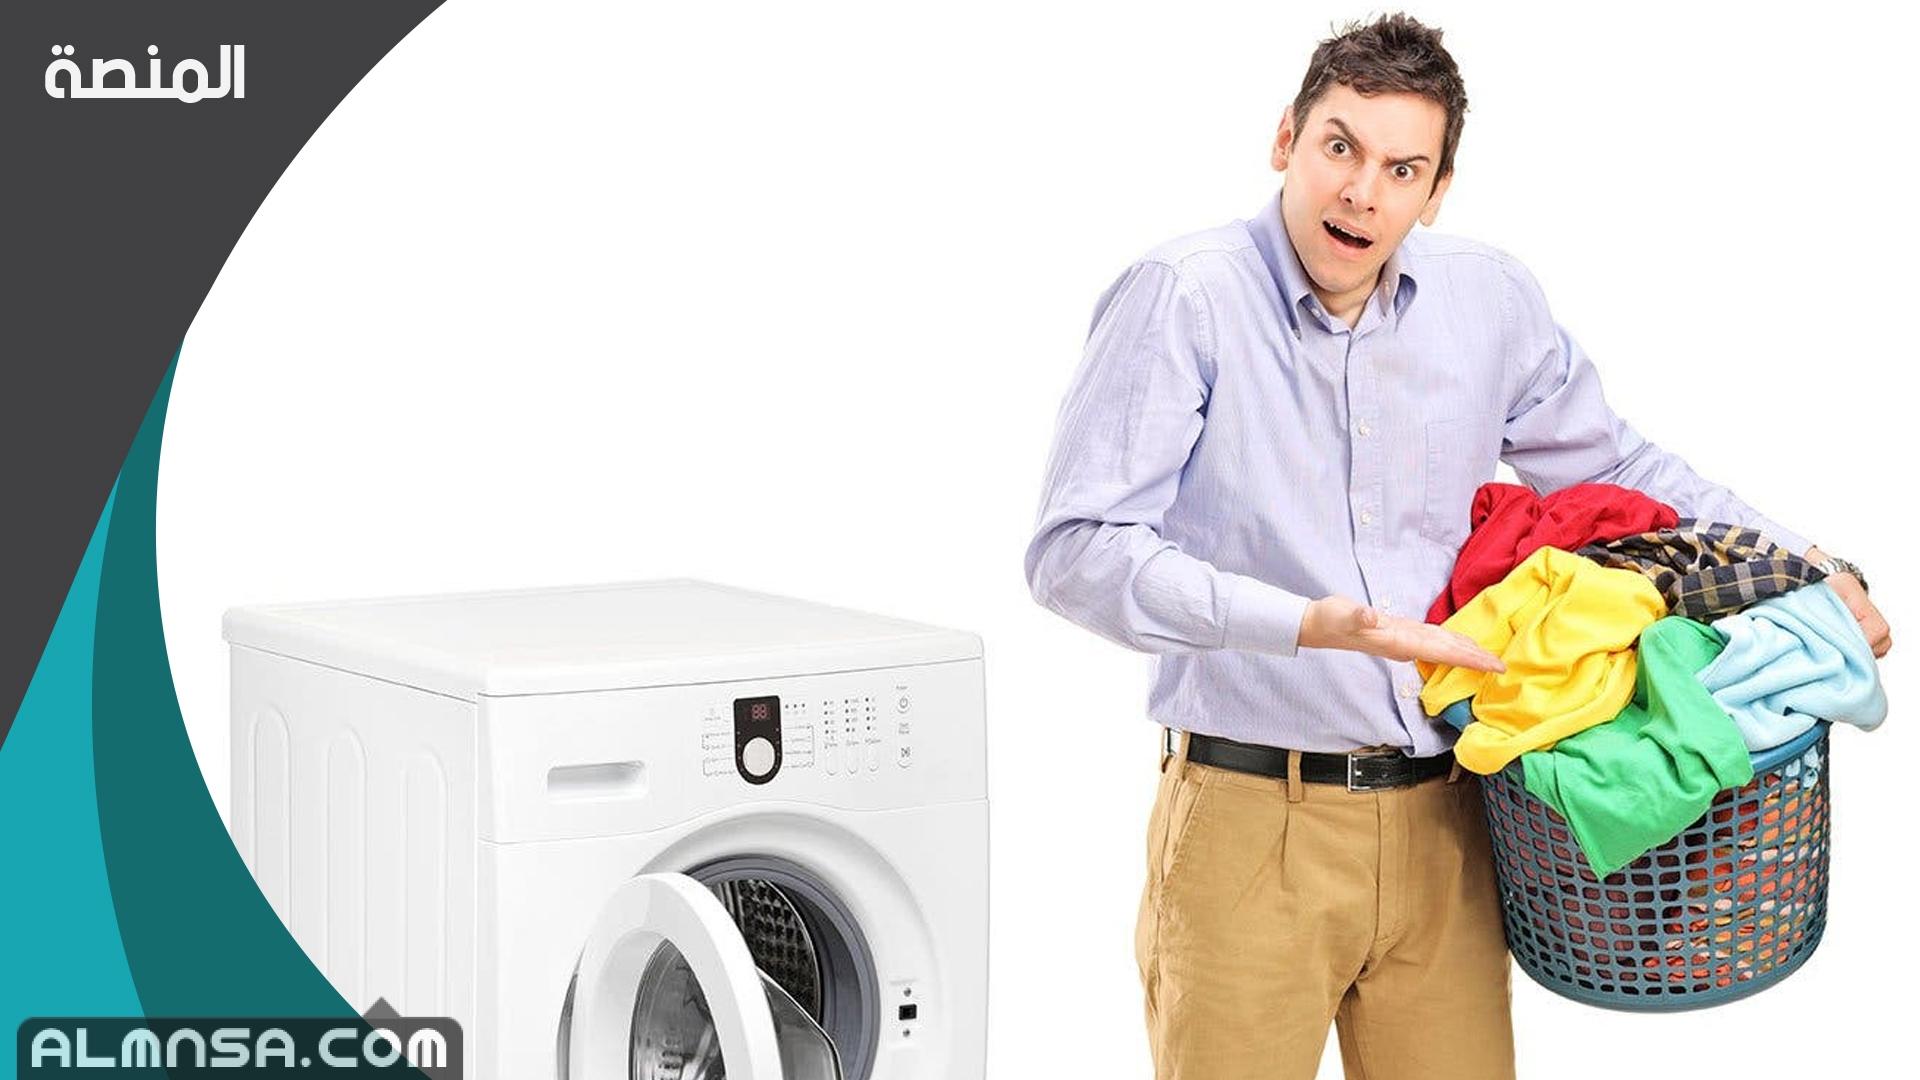 تفسير رؤية غسل الملابس في الحلم المنصة